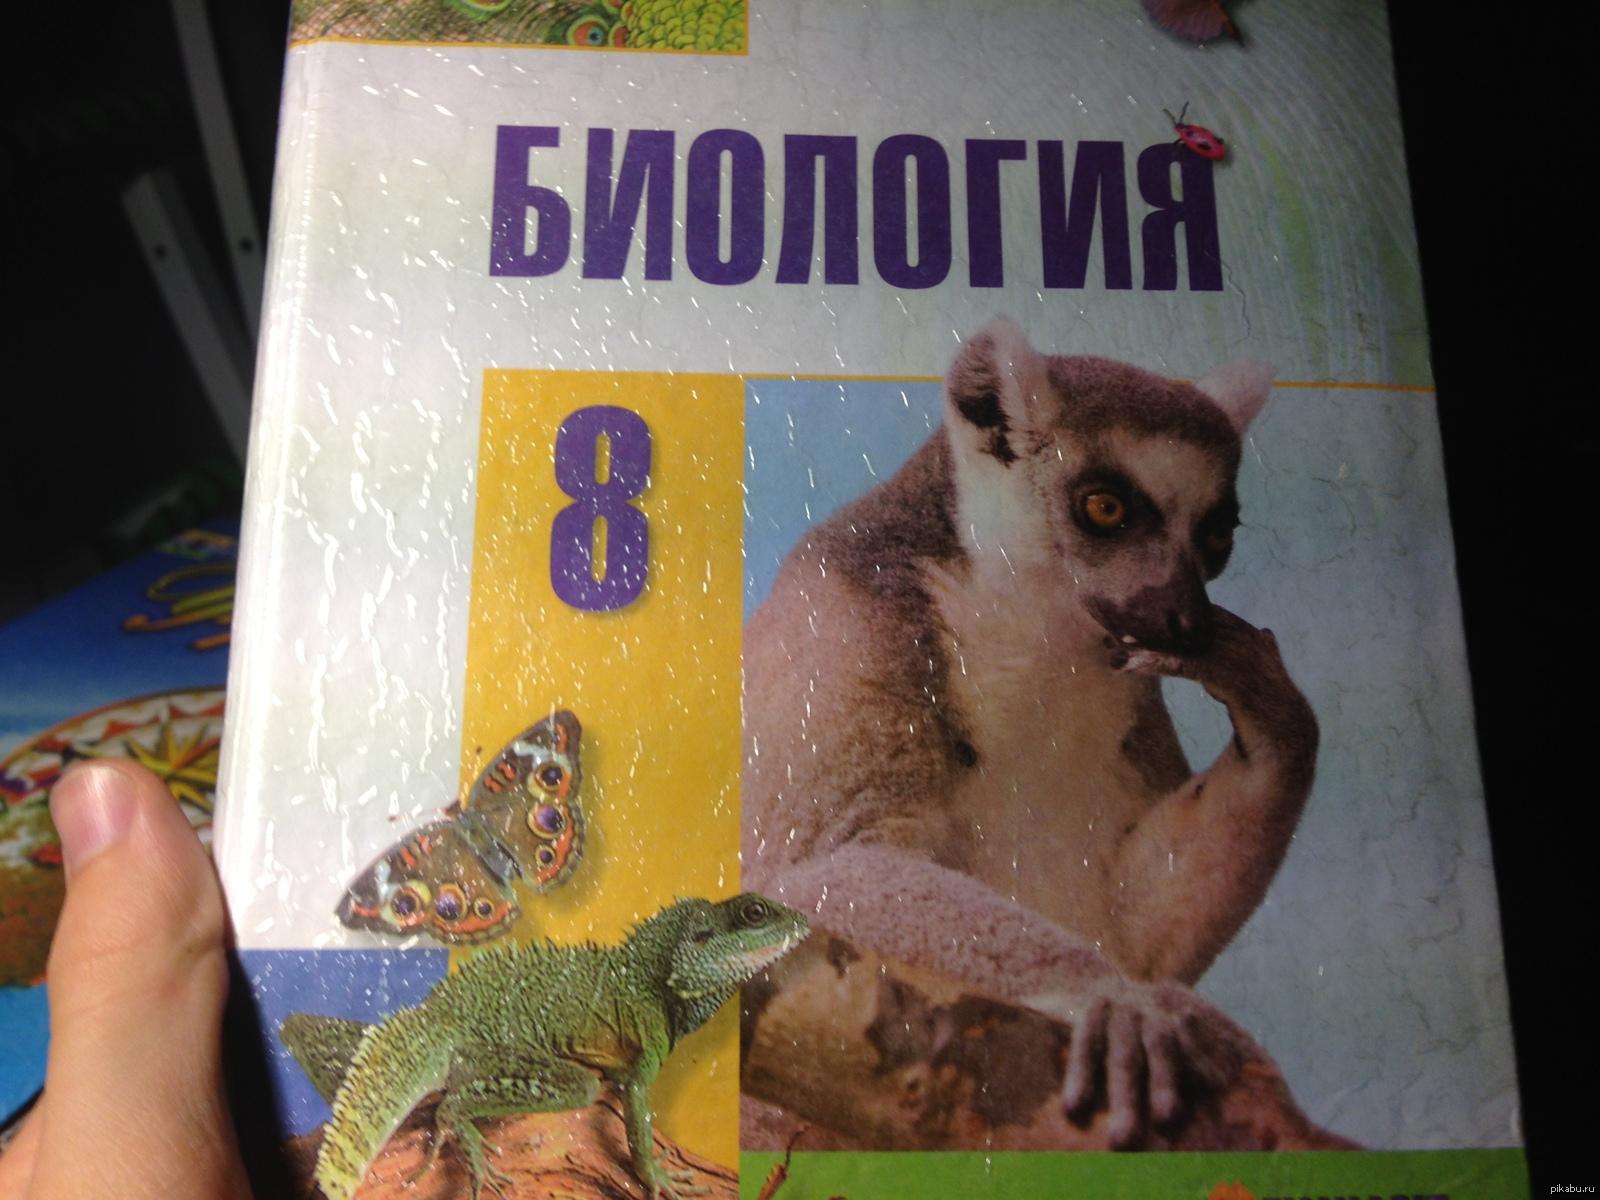 Биология, 8-й класс. Лемур